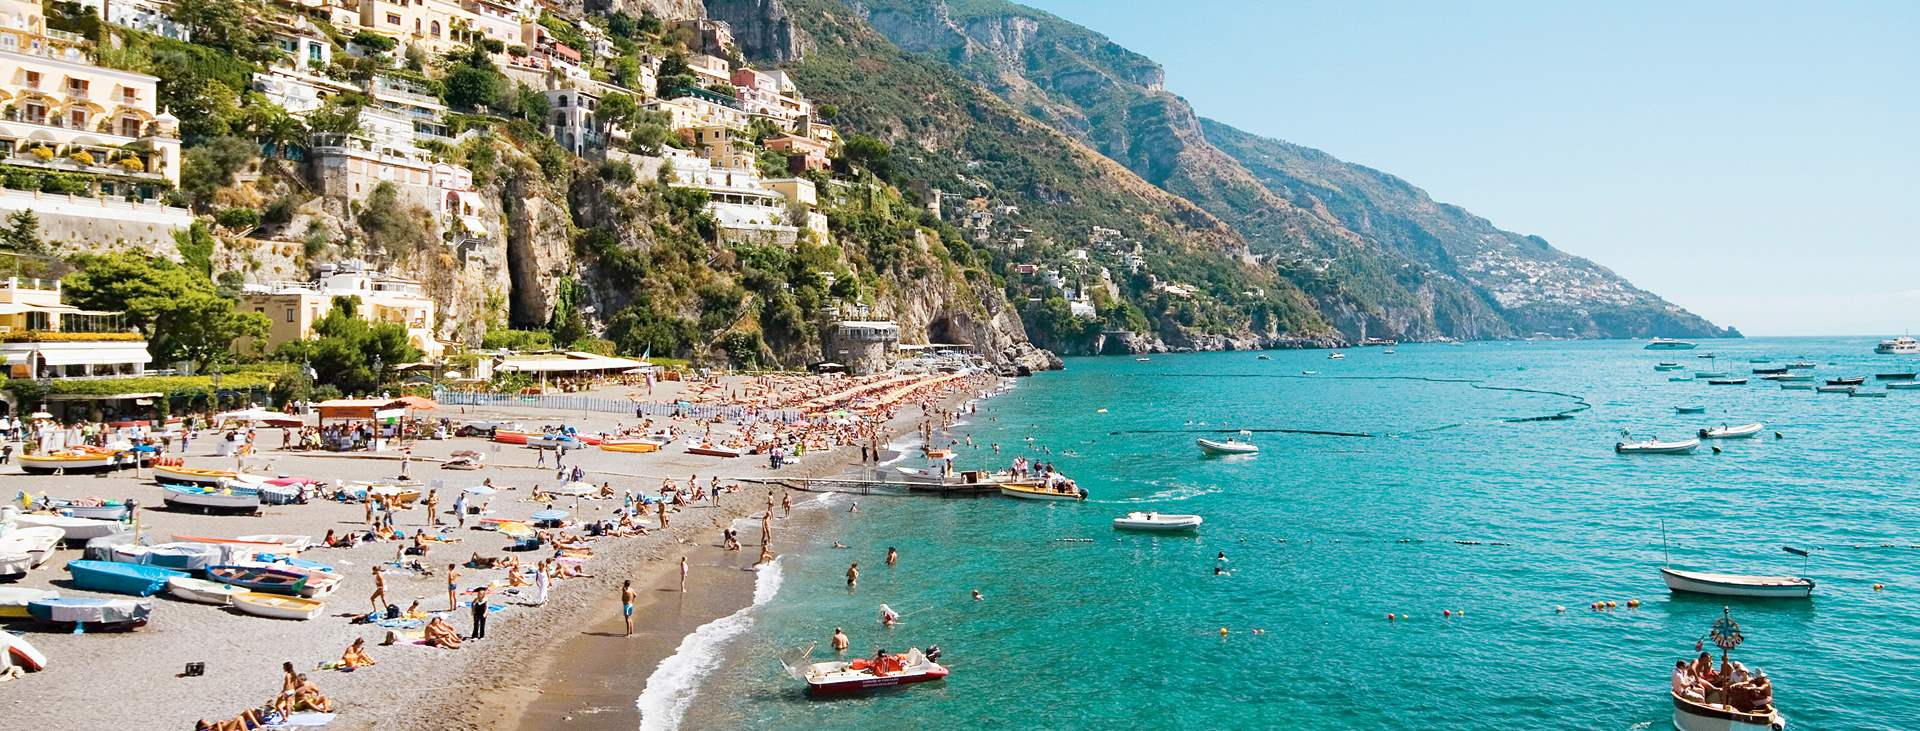 Resor till Positano på Amalfikusten i Italien